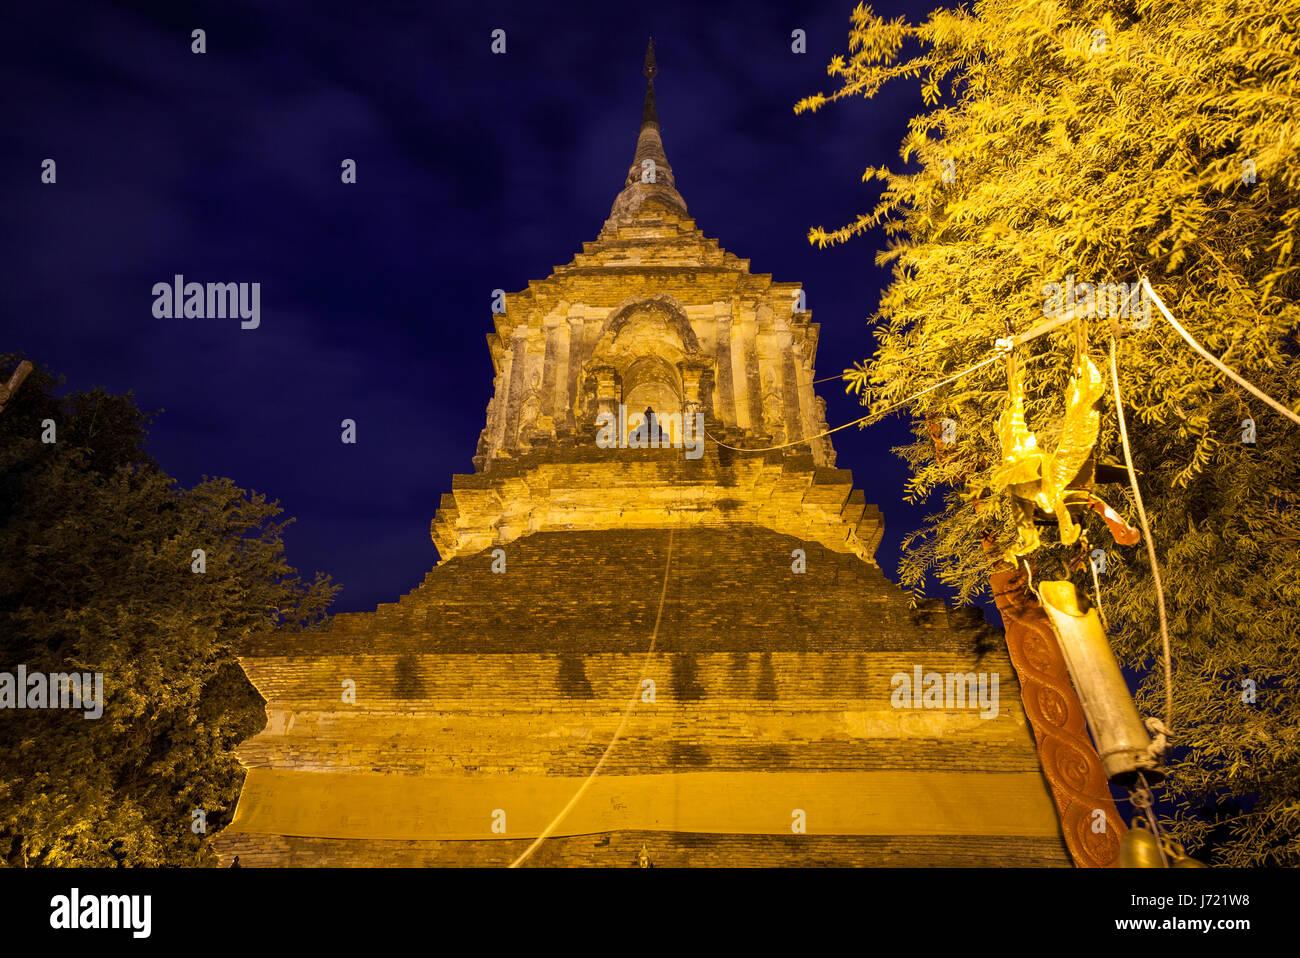 Grandi chedi al Wat Lok Molee, uno dei più antichi templi di Chiang Mai, Thailandia Foto Stock